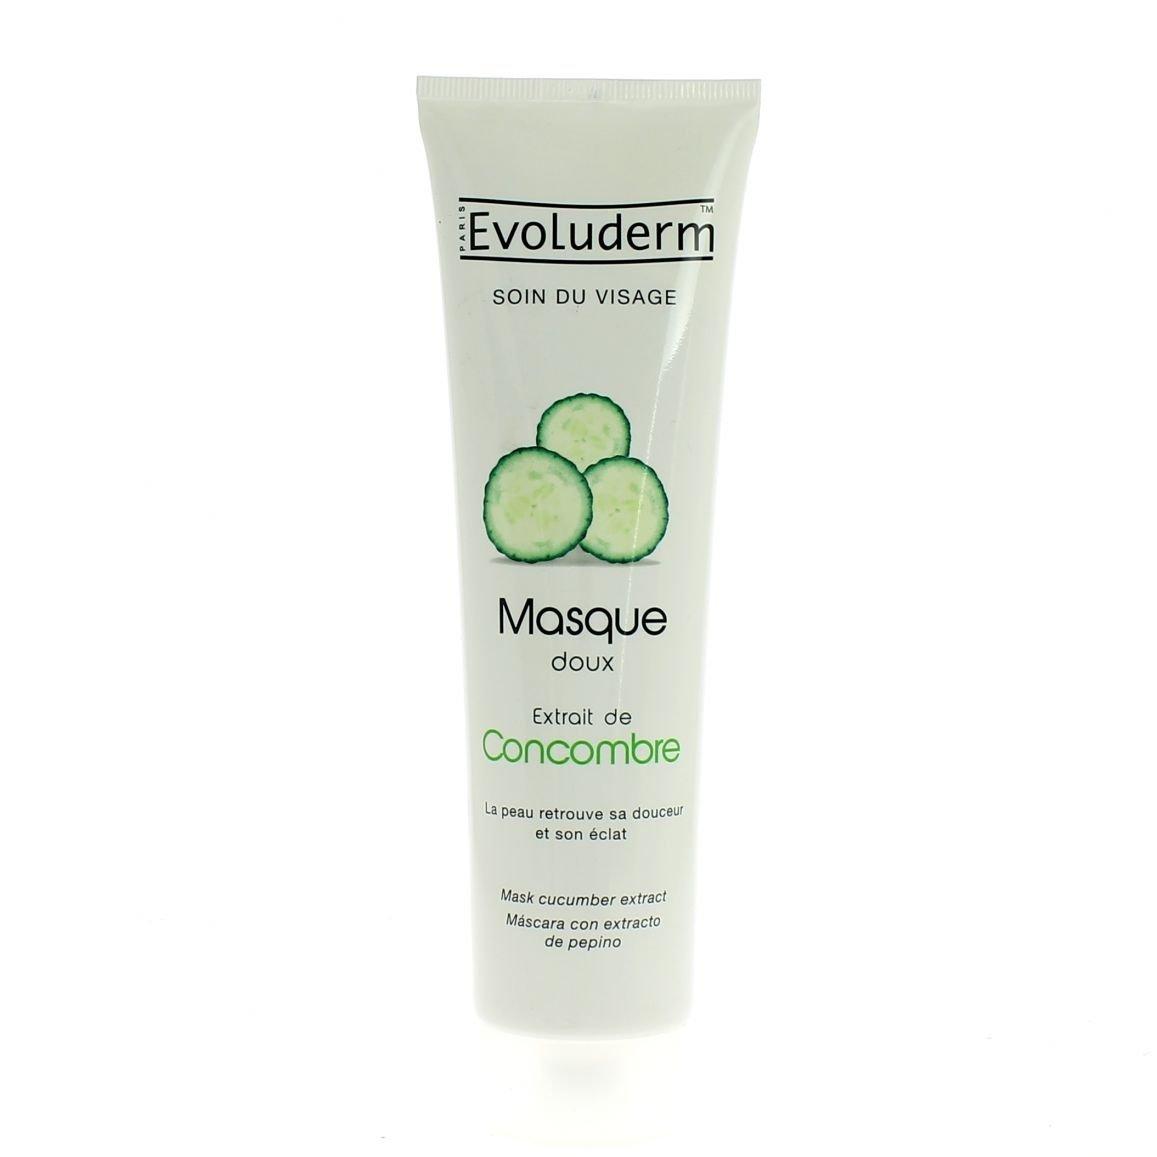 Masque au concombre evoluderm / bouteille de 150 mL